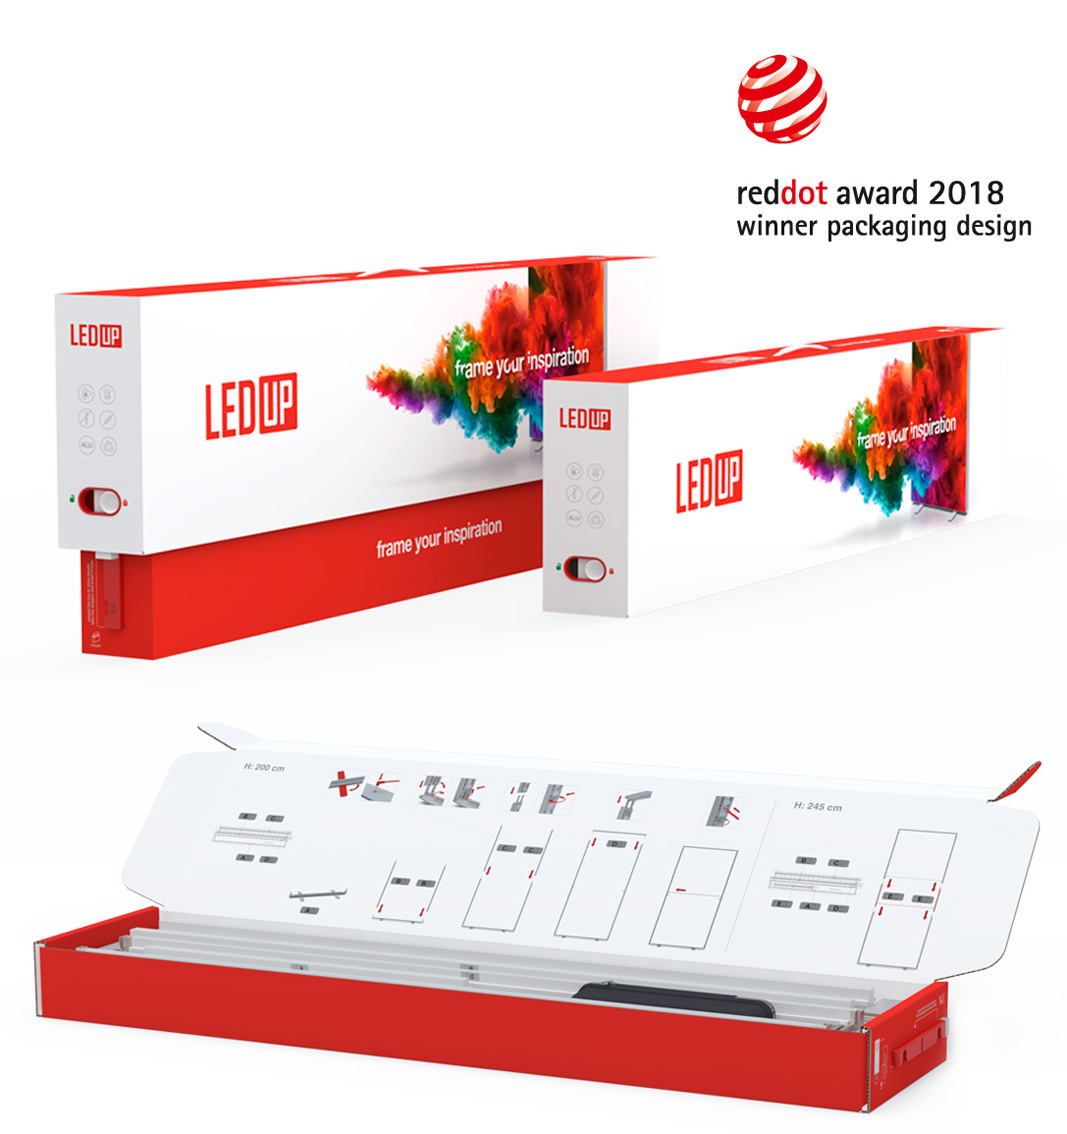 LED UP - Messewand, Werbewand, leuchtend LED Osram Technik, Leuchtdisplays LED Displays Österreich, Deutschland